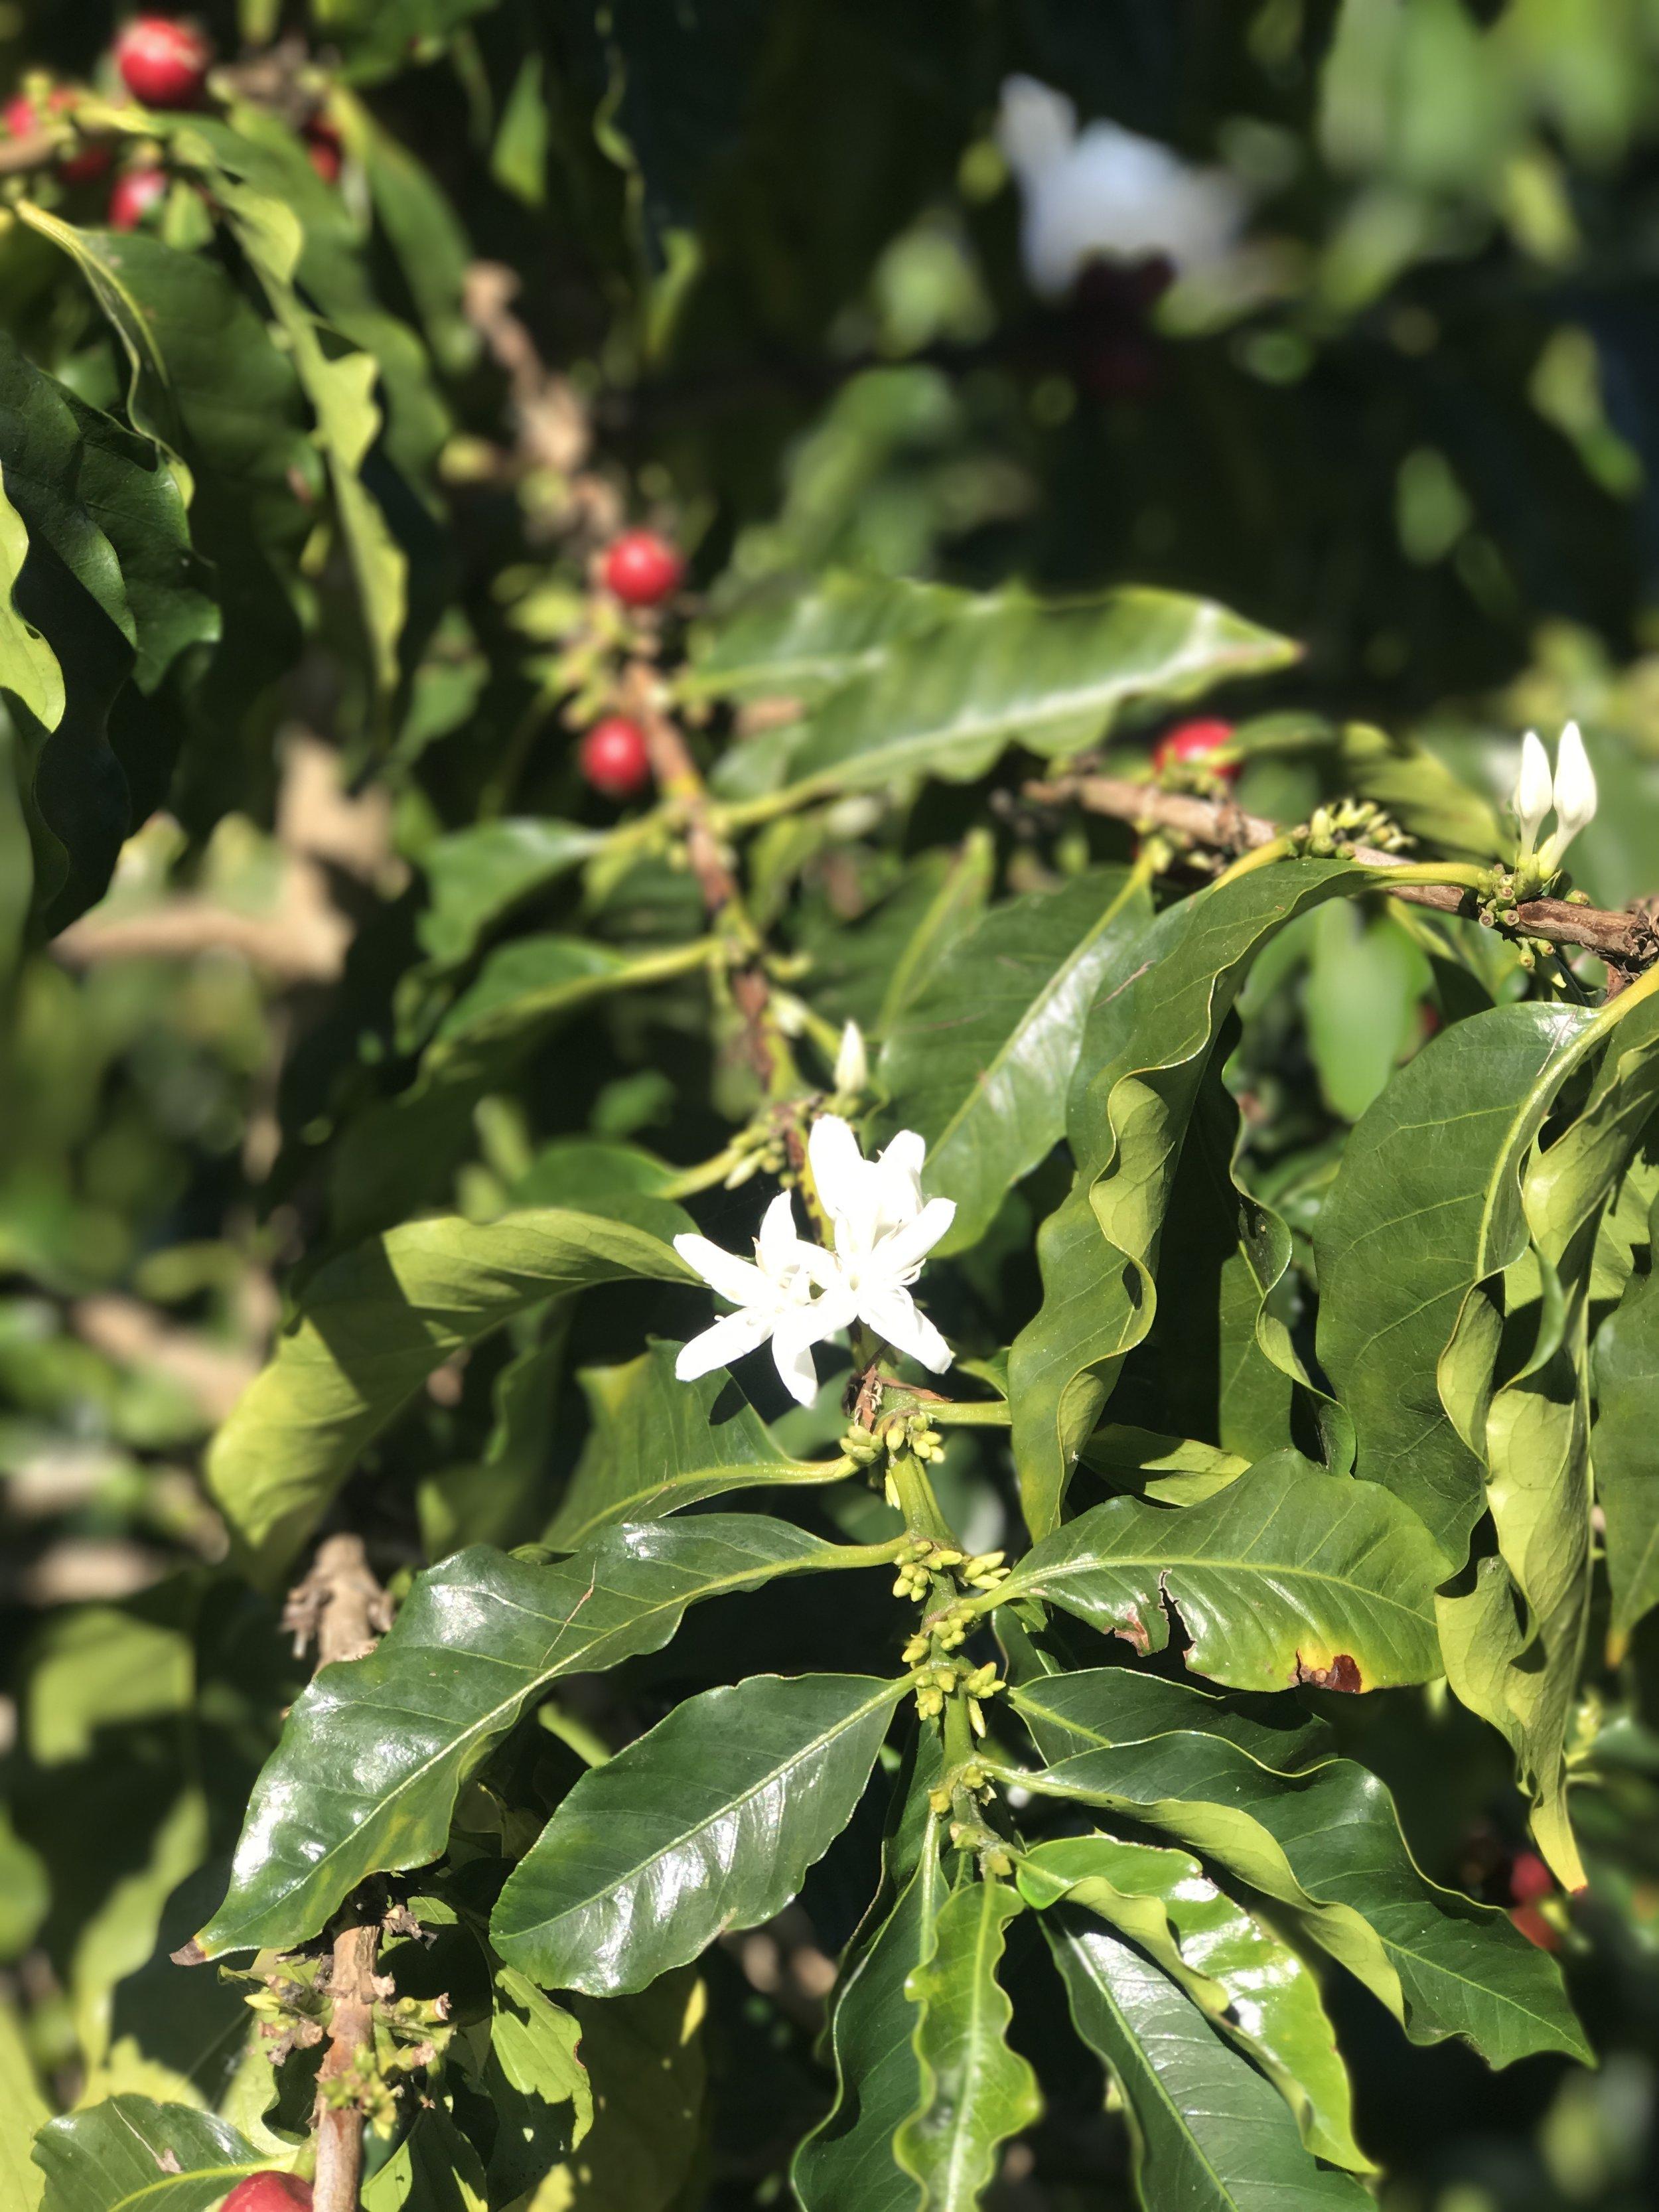 Coffee Flowers and Beans at O'o Farm / Warporweft.com